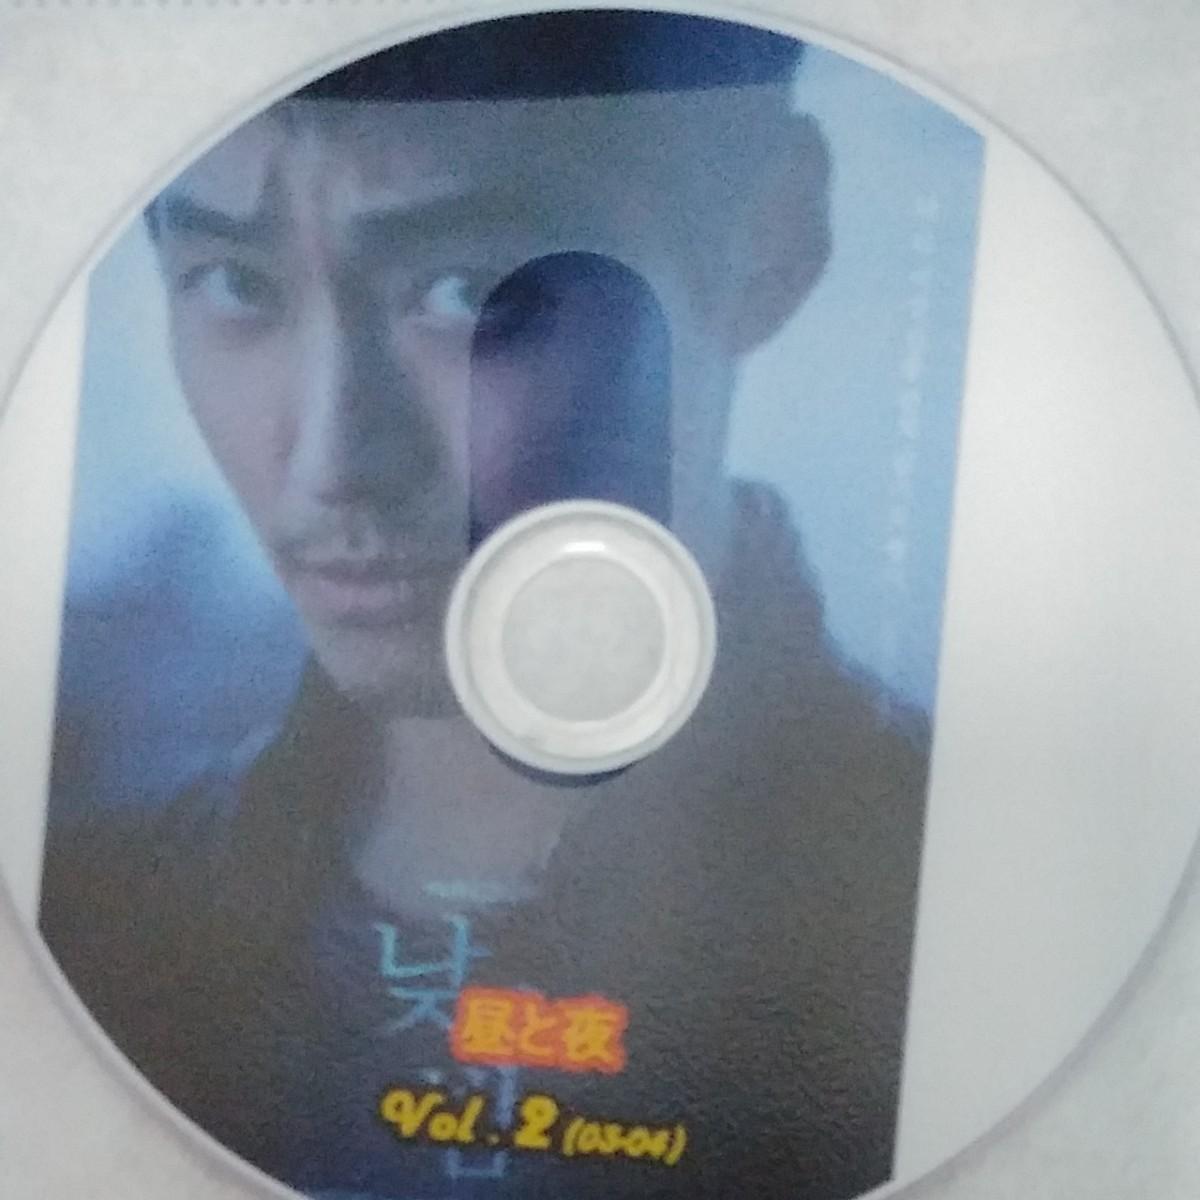 韓国ドラマ《昼と夜》出演ナムグン・ミン他 DVD8枚全16話 レーベル印刷あり不織布発送